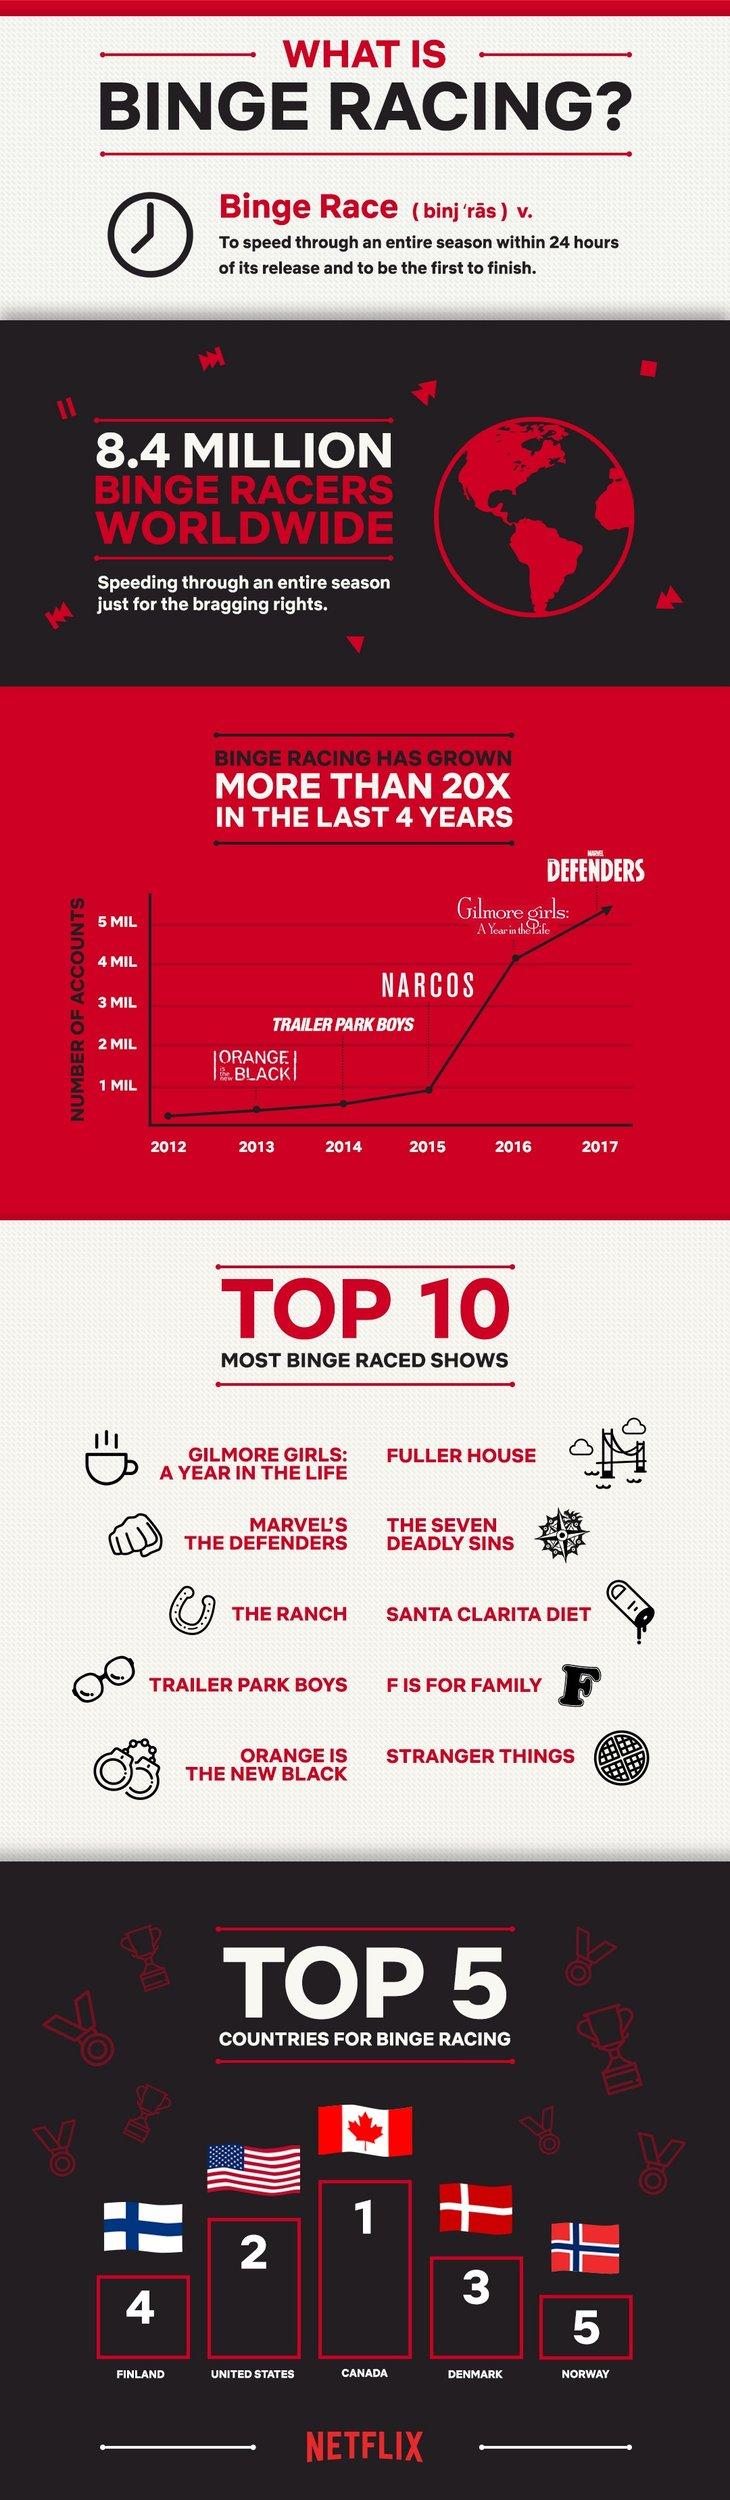 netflix binge racing infographic.jpg